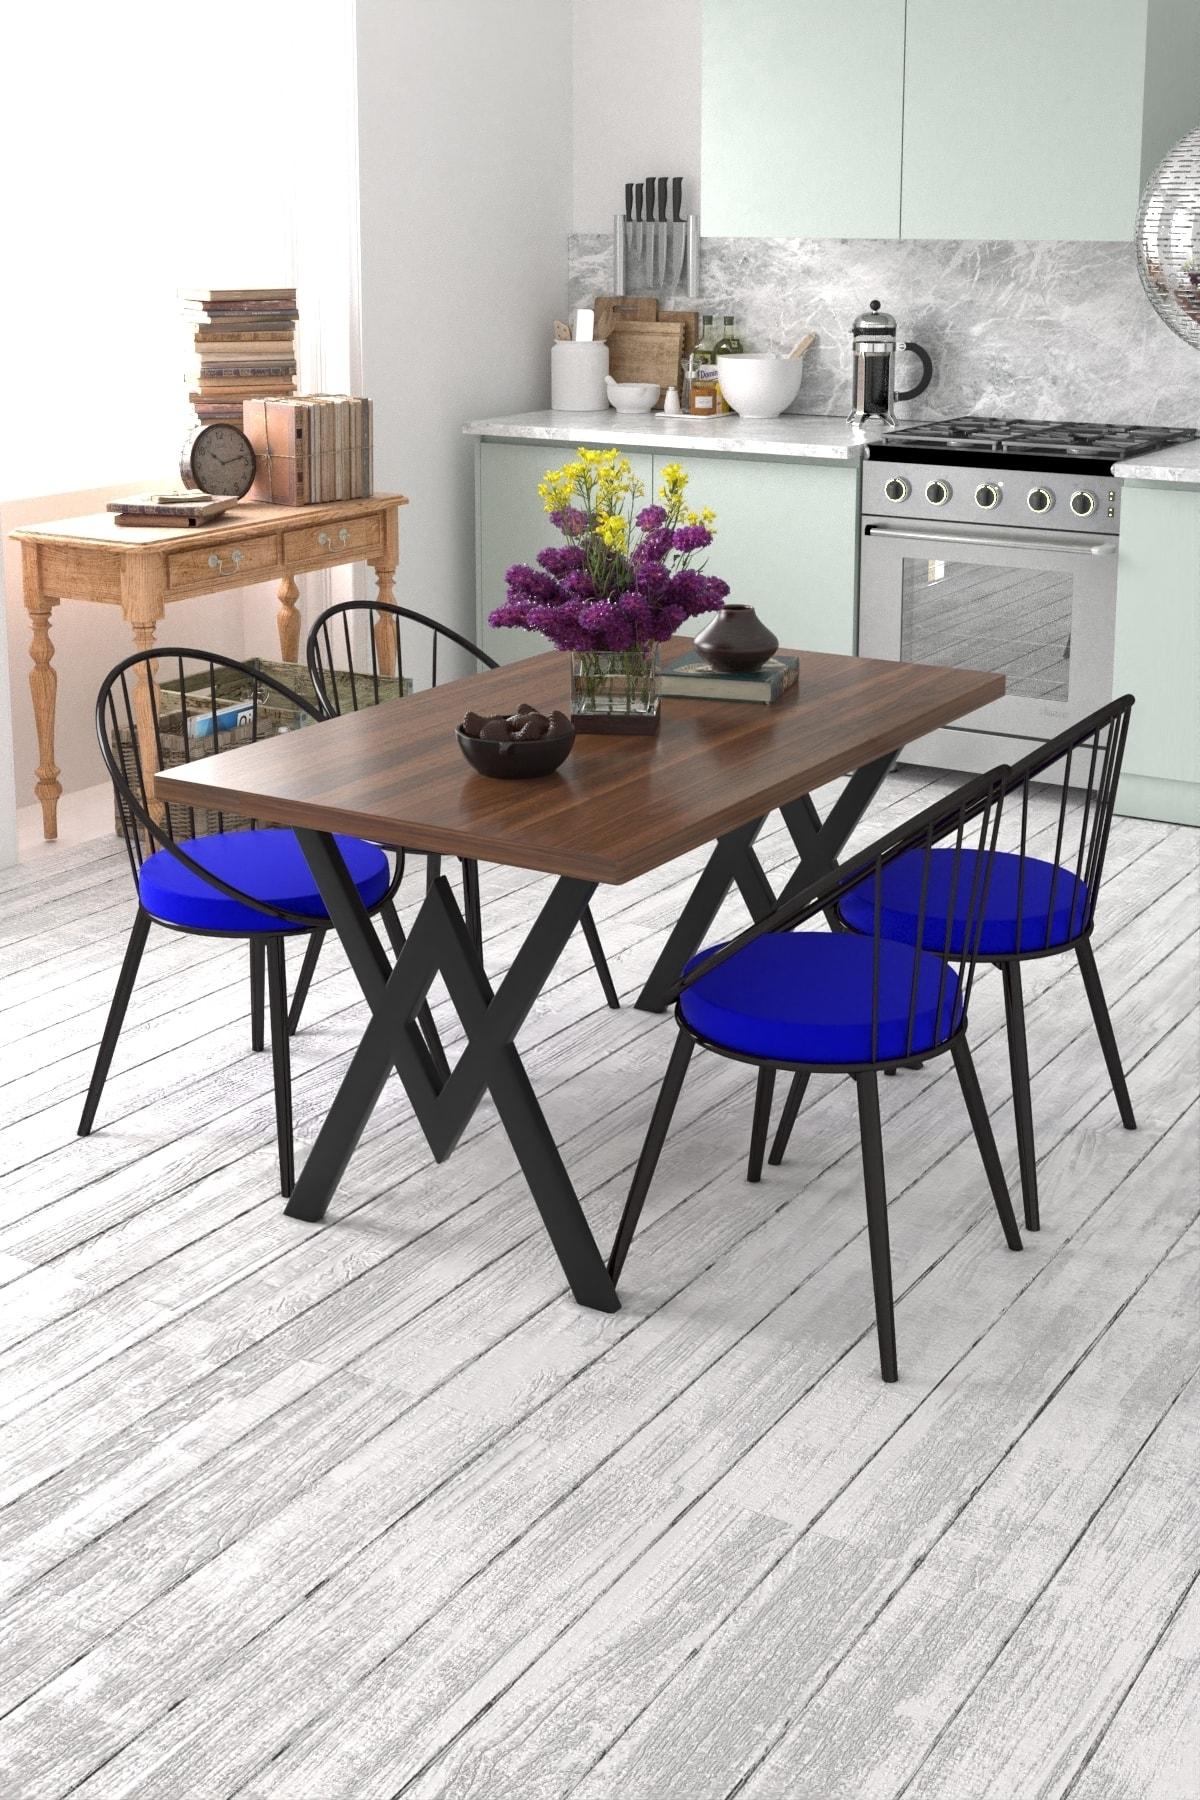 Evdemo Eylül 4 Kişilik Mutfak Masası Takımı Ceviz Mavi 1